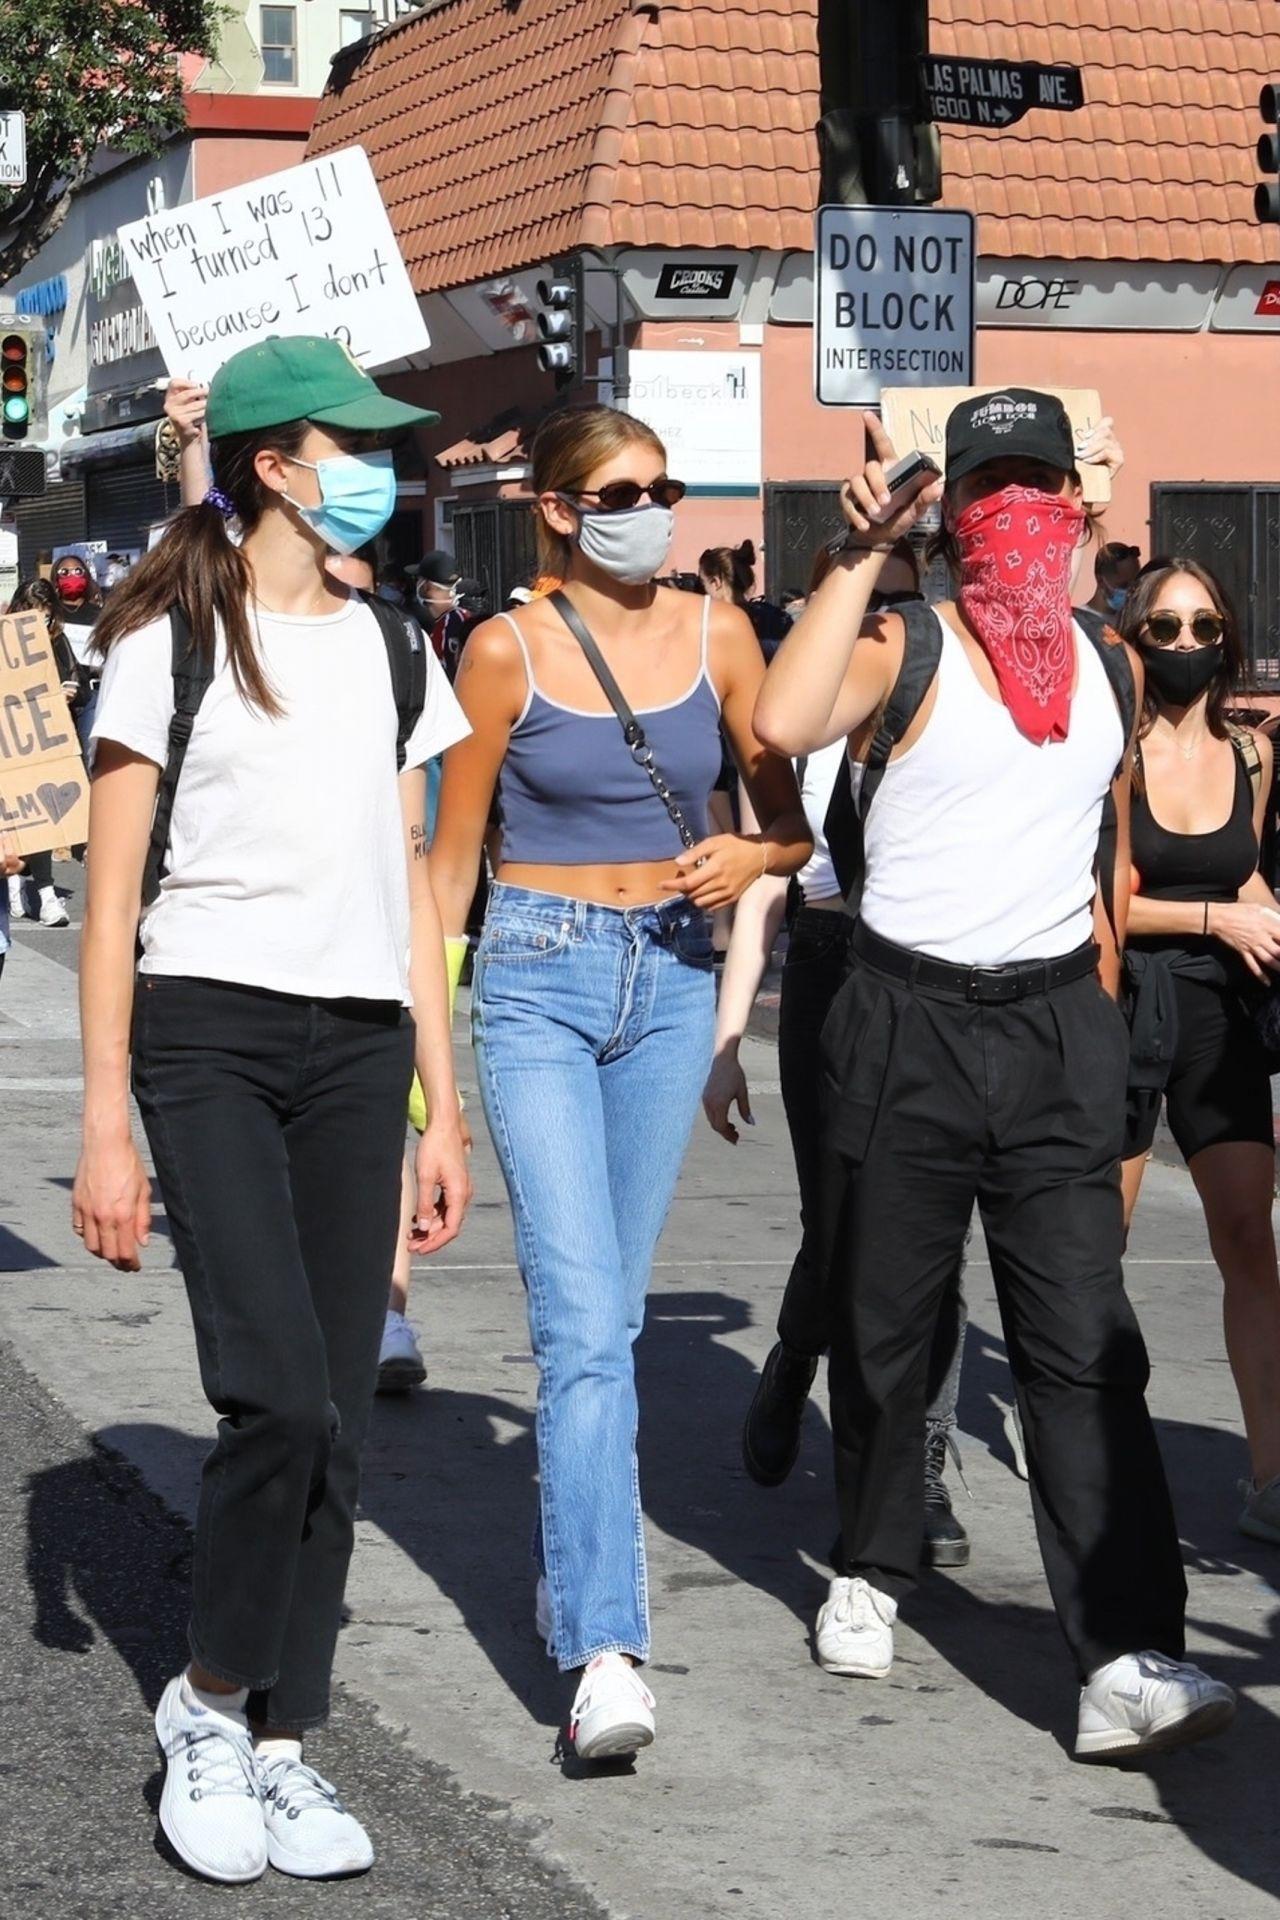 kaia-gerber-attends-black-lives-matter-protest-in-la